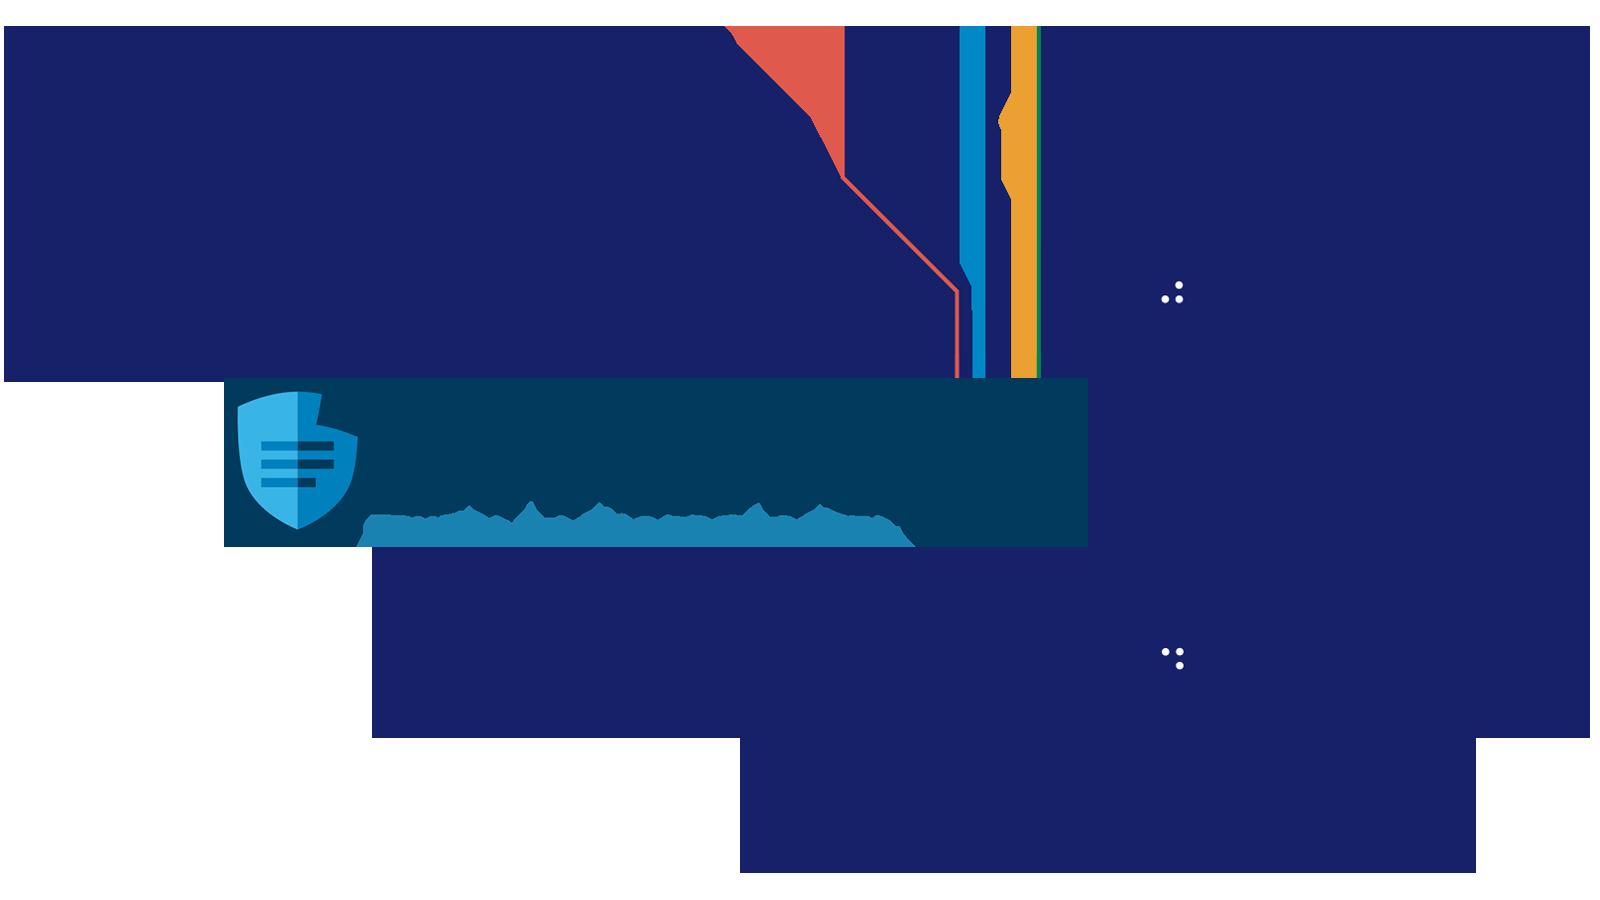 bytestamp